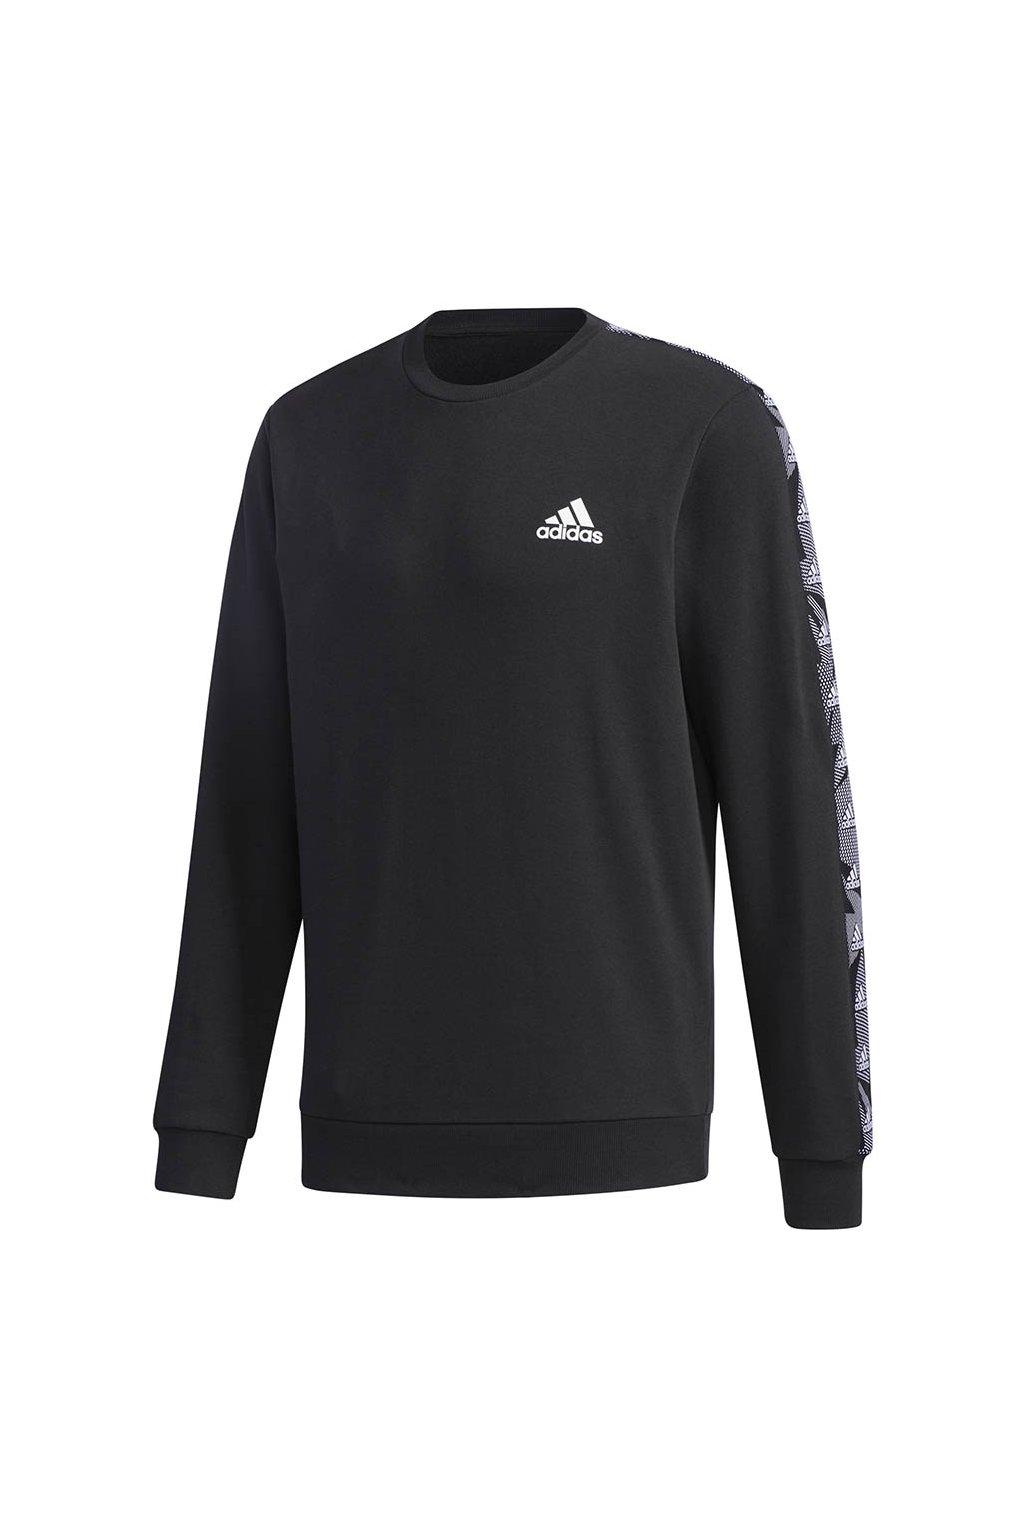 Pánska mikina adidas Essentials Tape Sweatshirt čierna GD5448